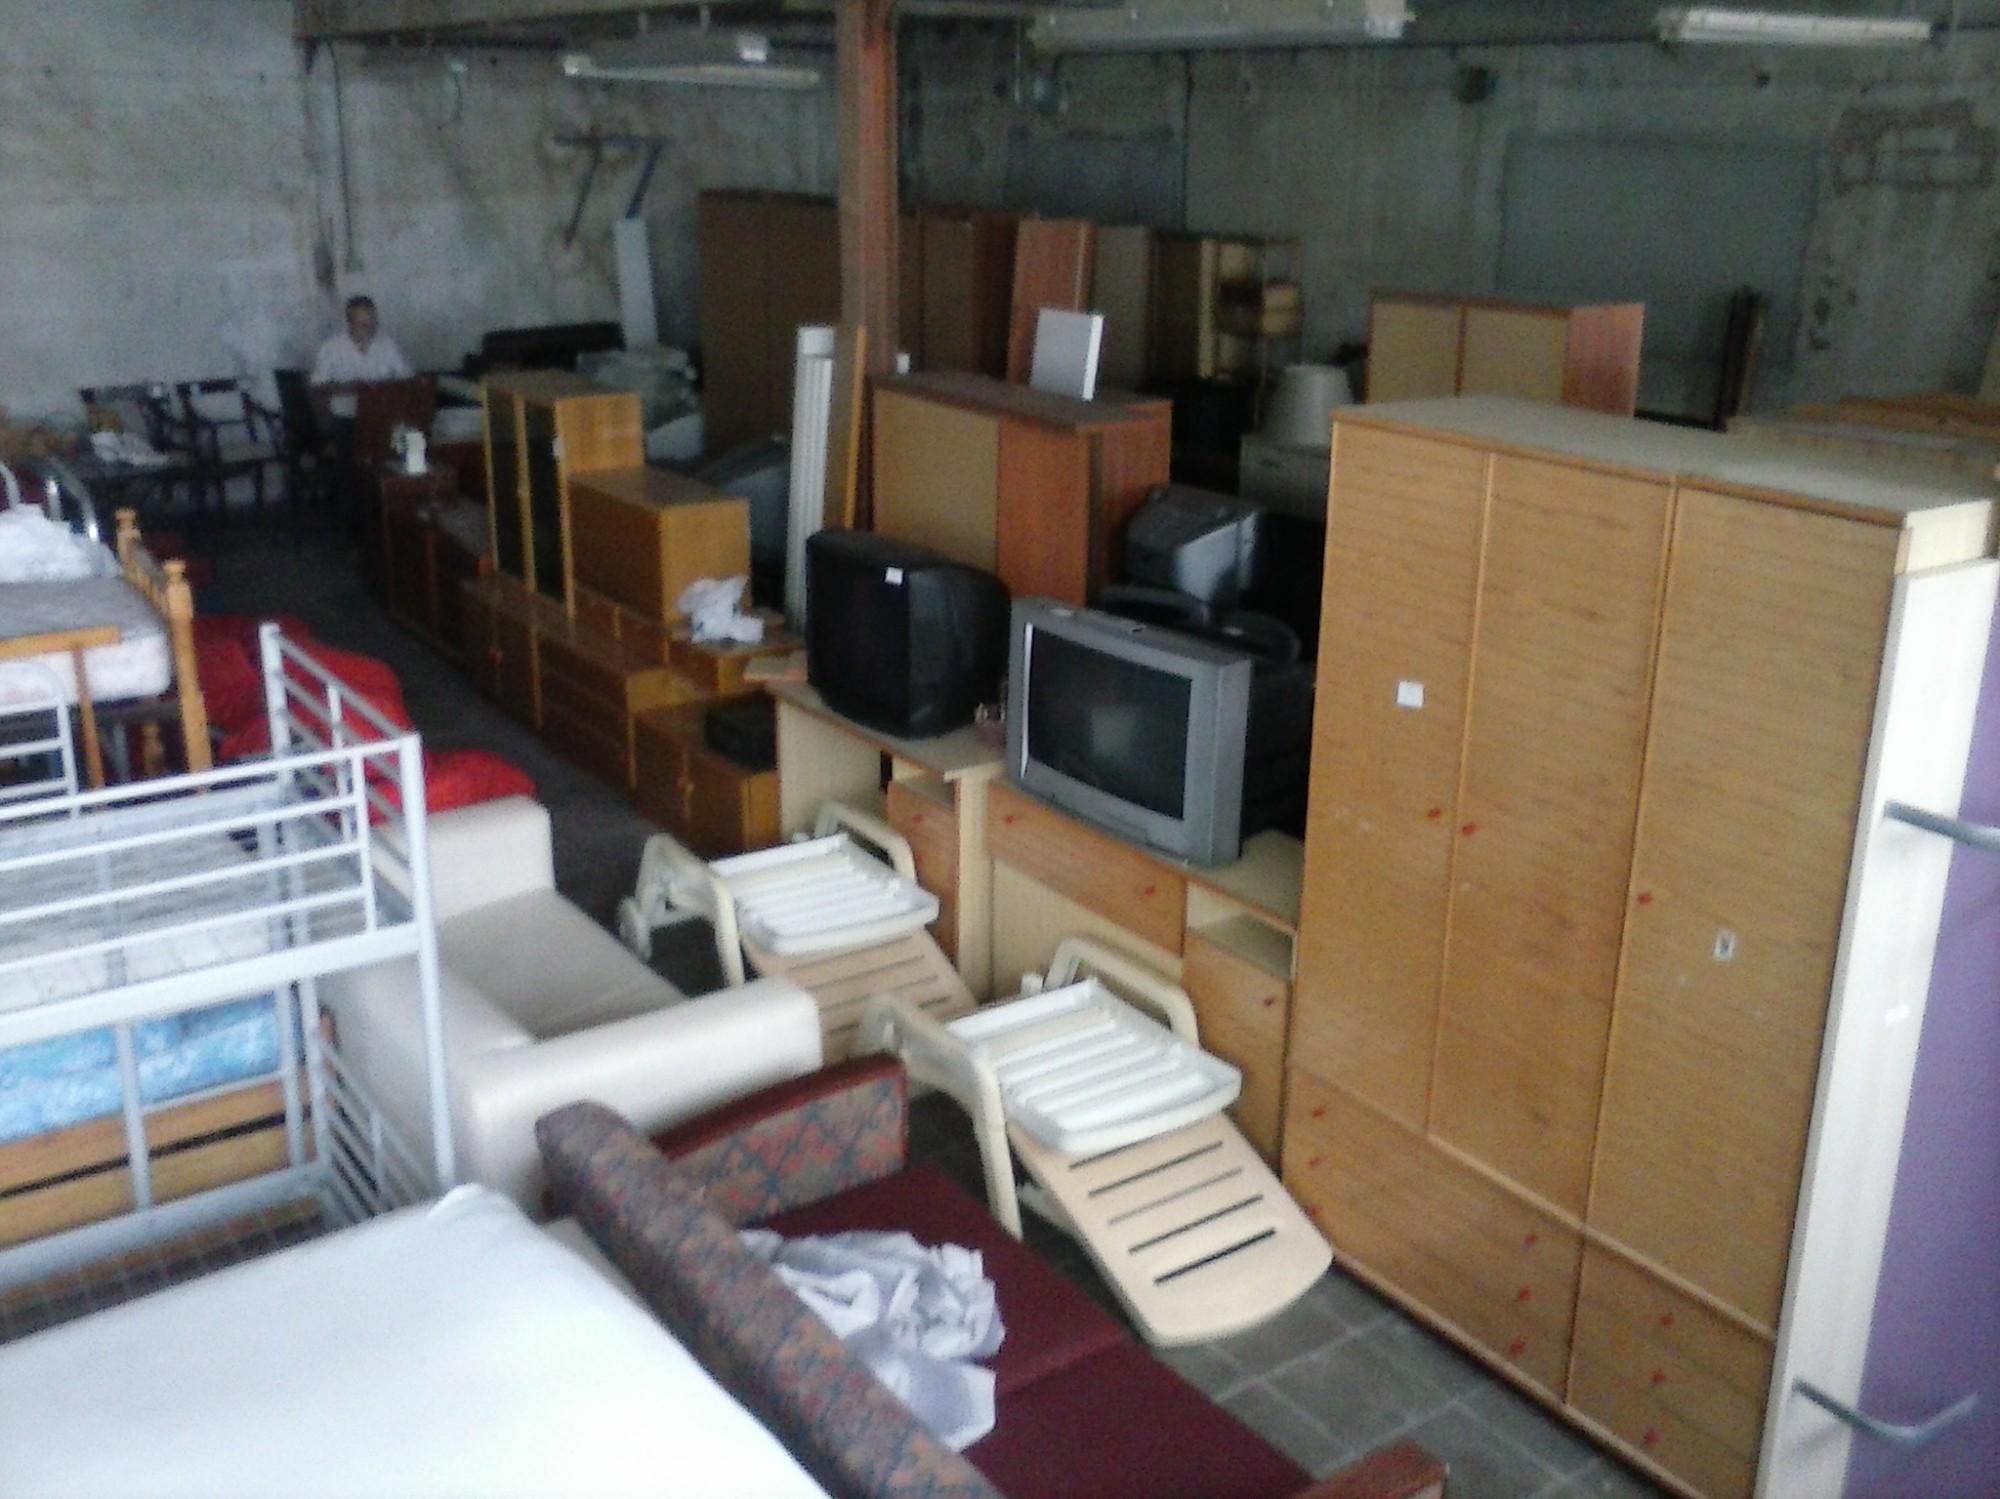 Petits encants mobles i objectes de segona m la garriga kupua - La garriga mobles ...